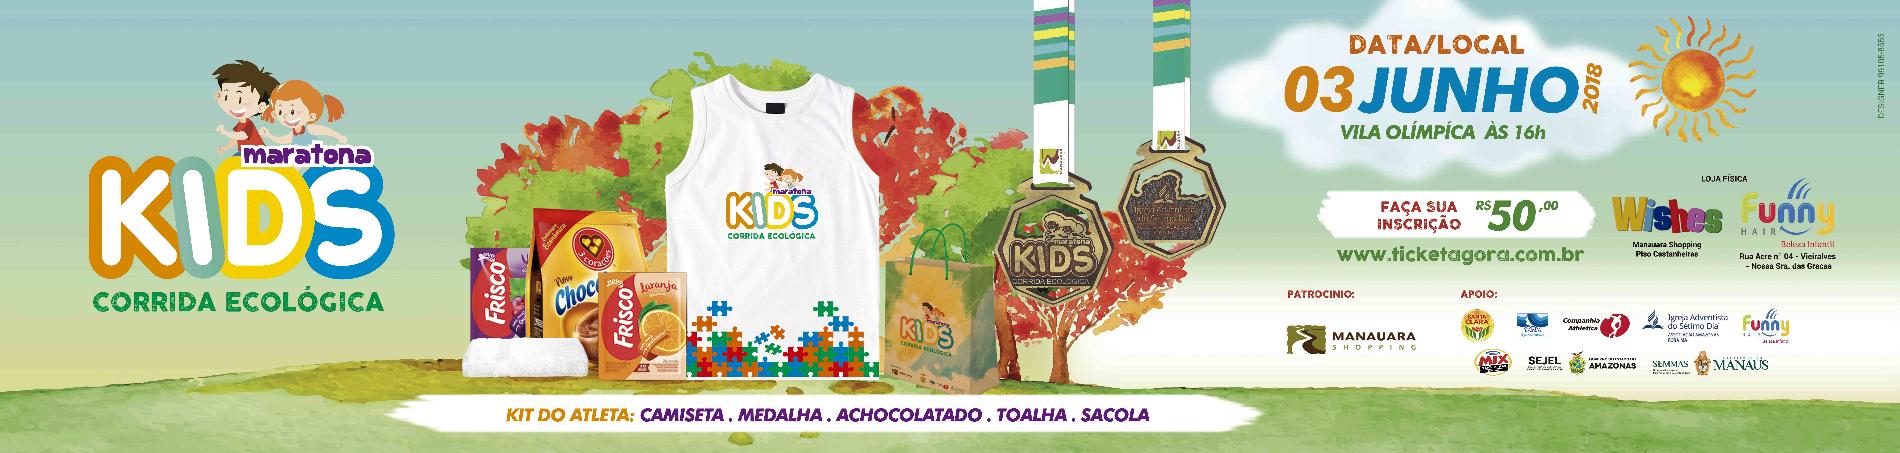 MARATONA KIDS - CORRIDA ECOLÓGICA - Imagem de topo